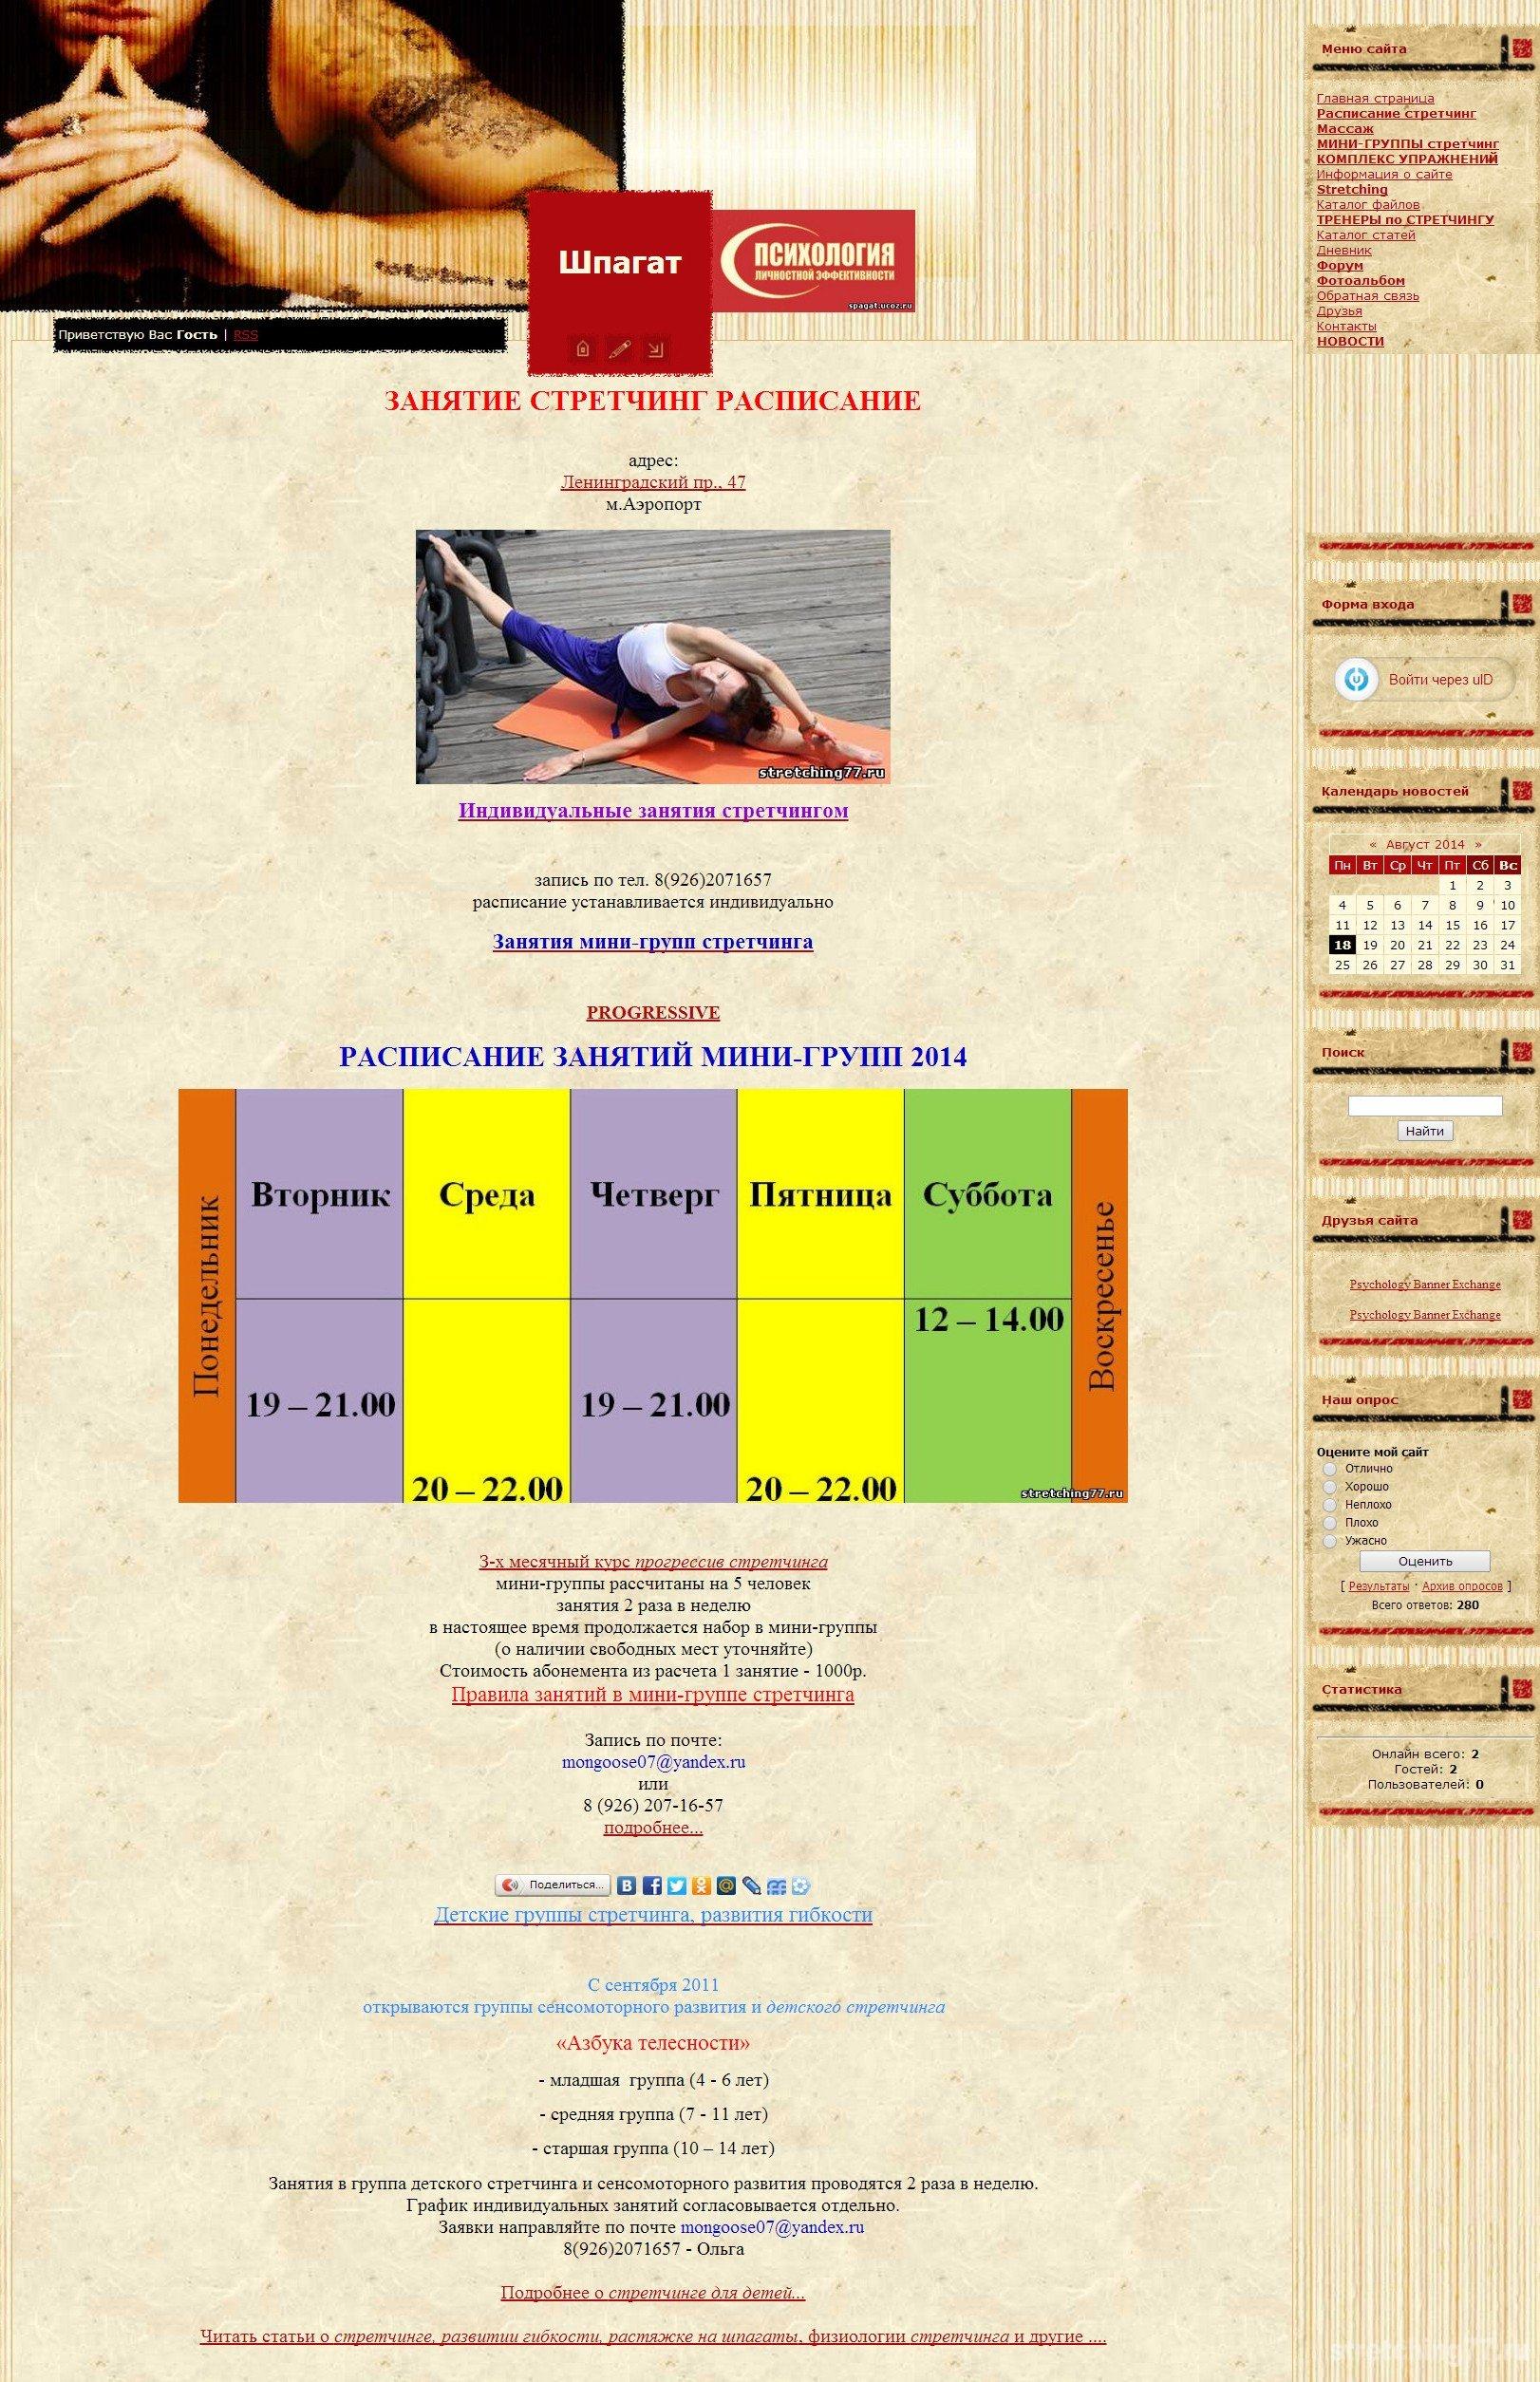 Сайт о стретчинге